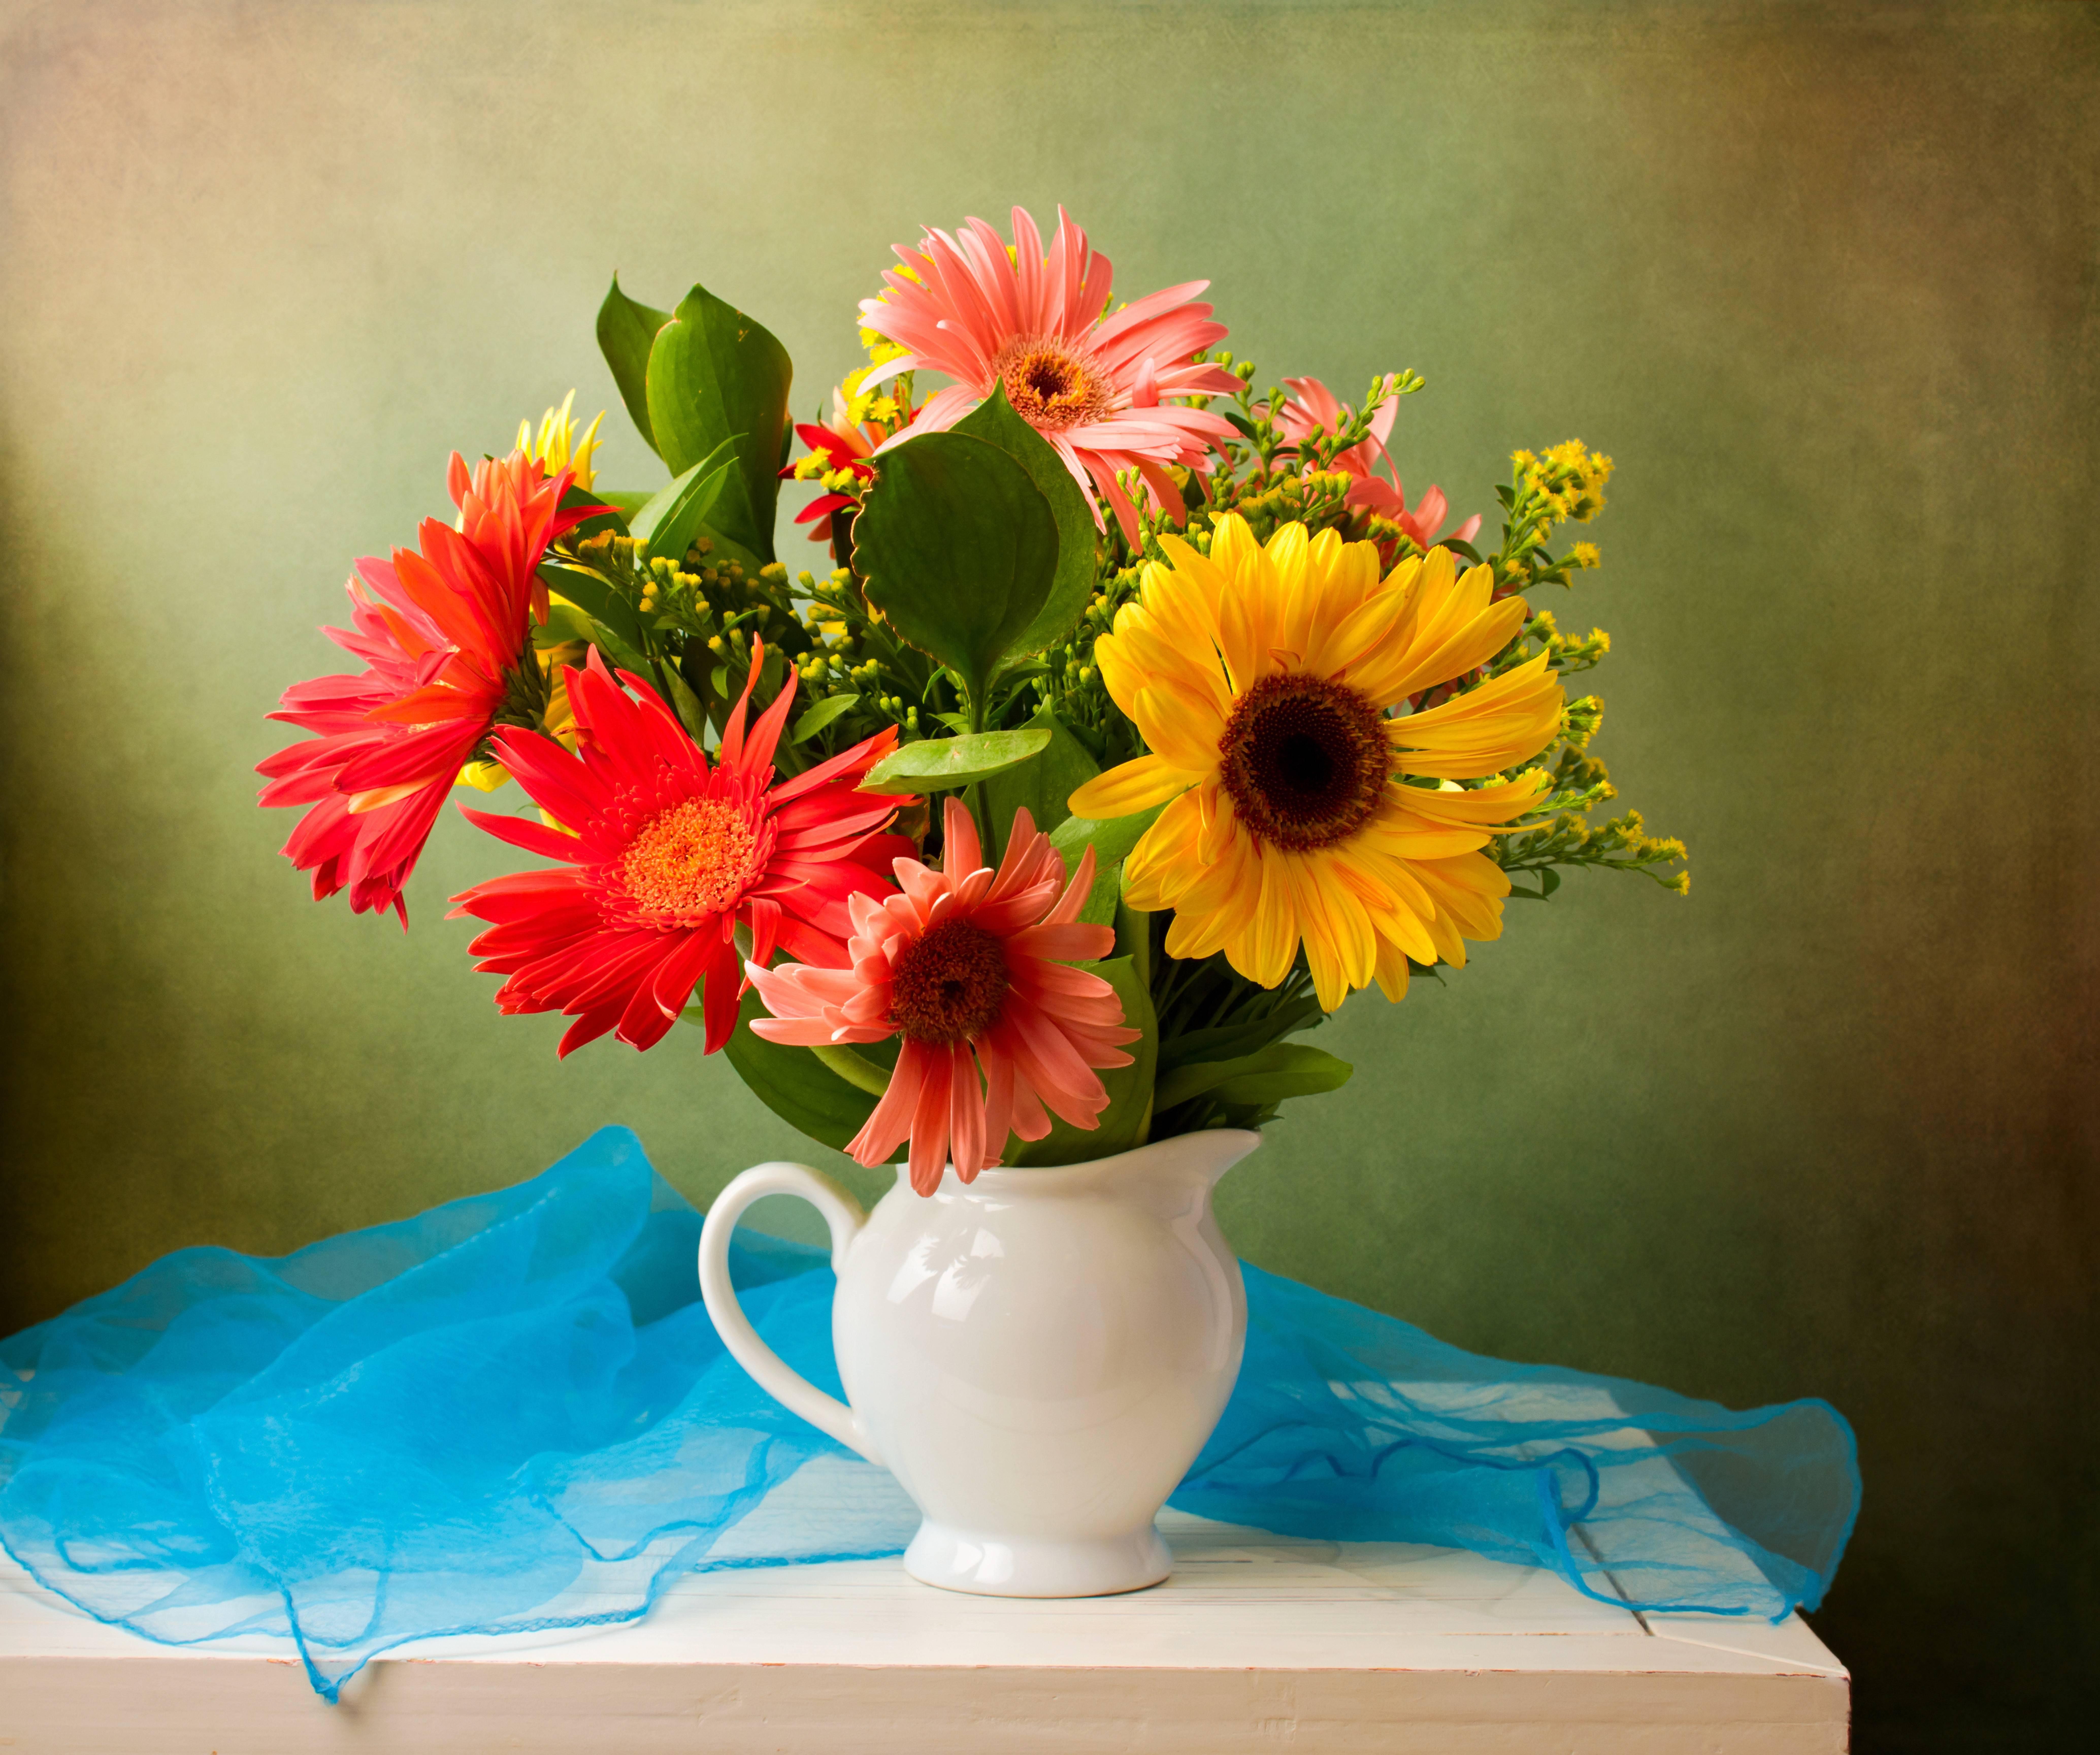 цветы, натюрморт, ваза